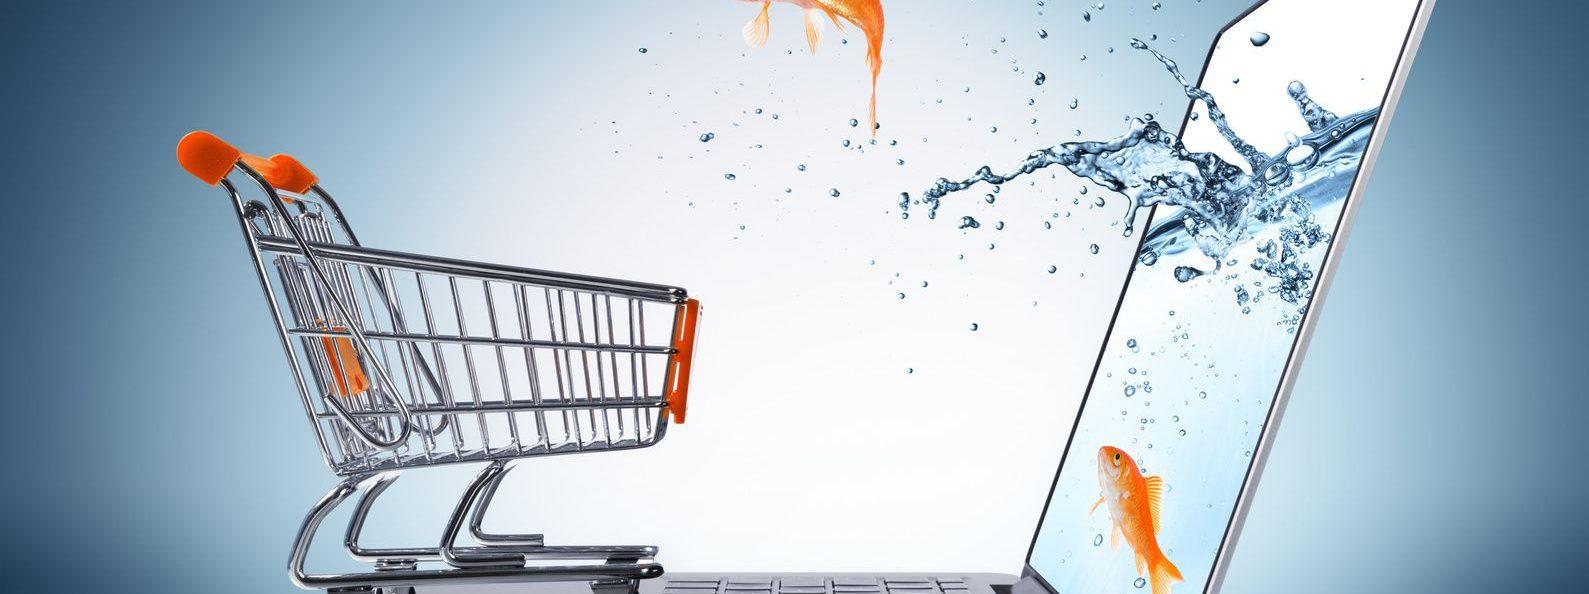 Почти каждый начинающий и текущий интернет-бизнесмен нуждается в интернет-маркетинге. В статье пойдет речь о контекстной рекламе, ухищрениях ради привлечения клиентов и современных тенденциях завлечения.